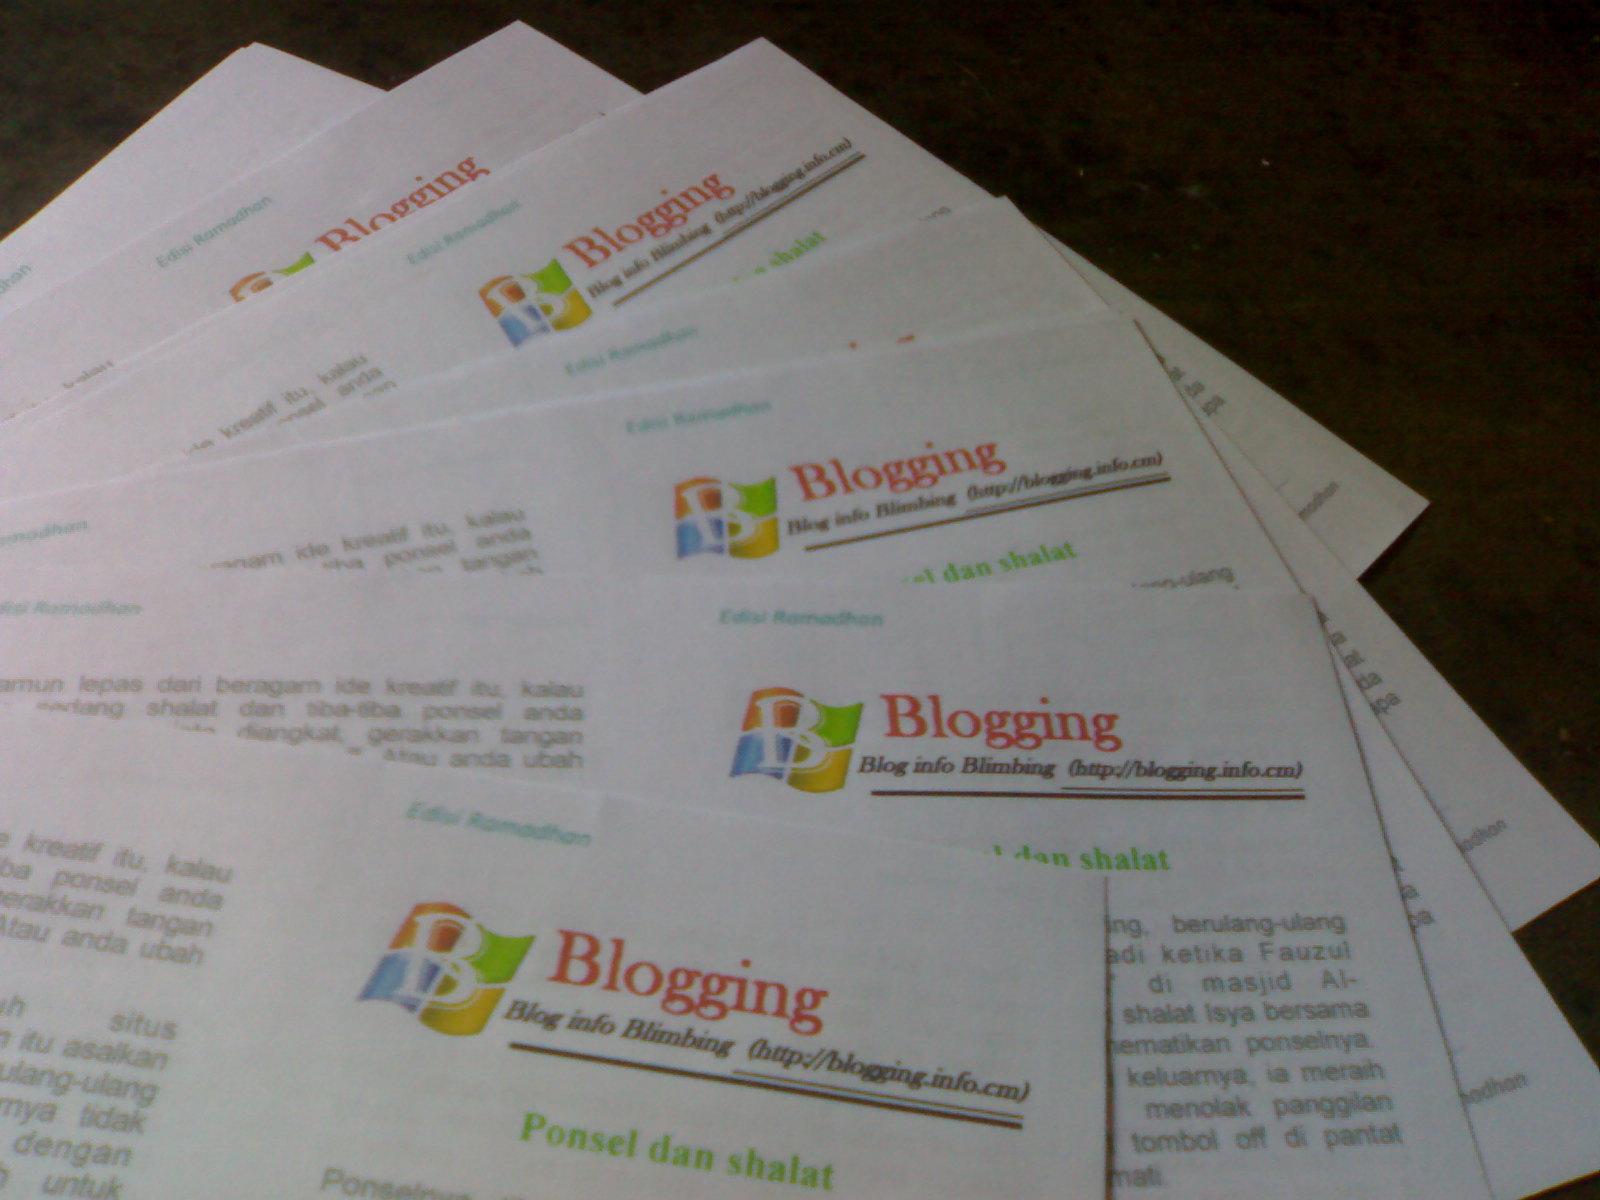 Blogging bulletin Blimbing